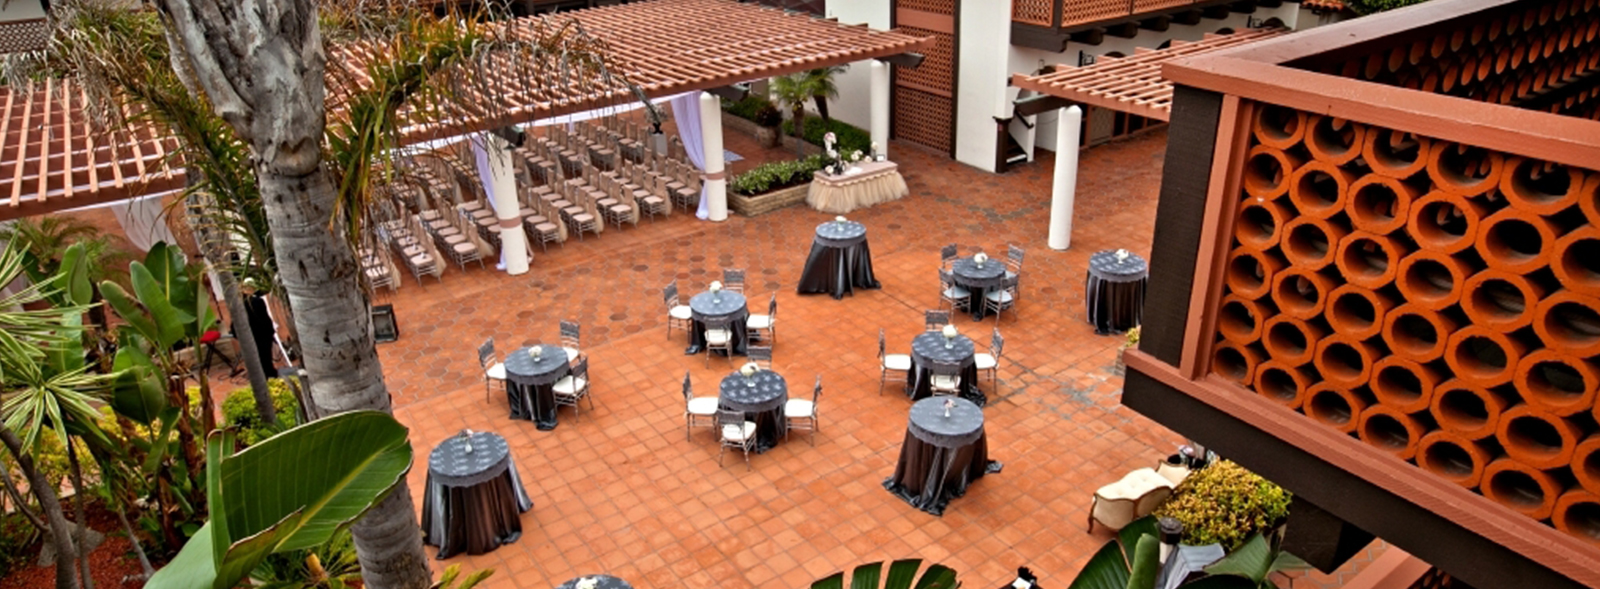 Wedding Venues at La Jolla Shores Hotel, California